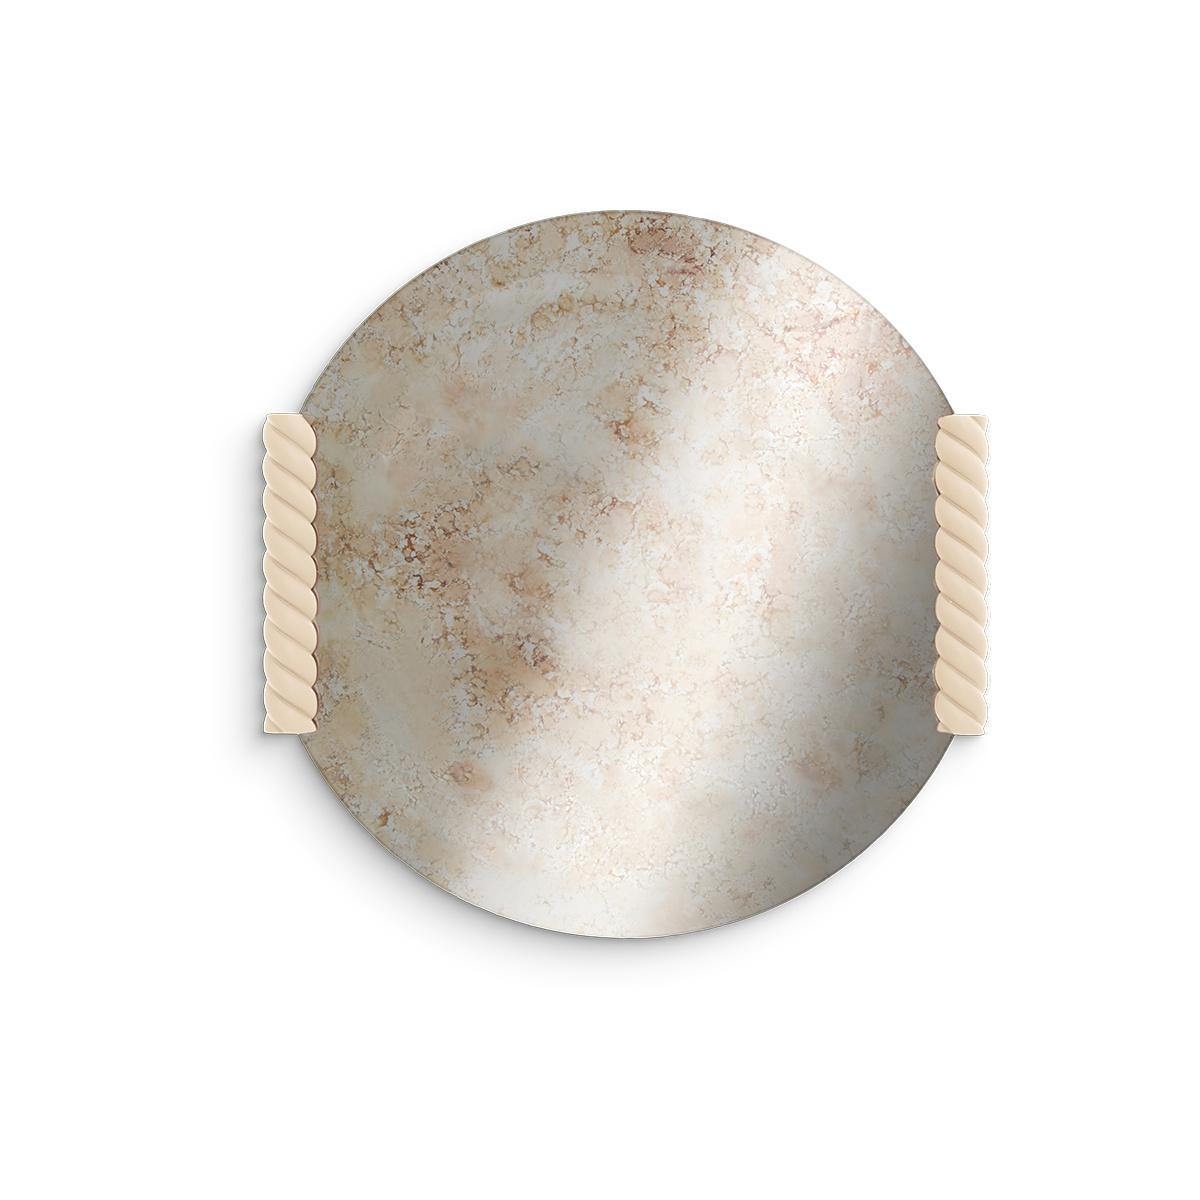 Paris-Milano Sand Colour Round Mirror - Cristina Celestino for The Socialite Family